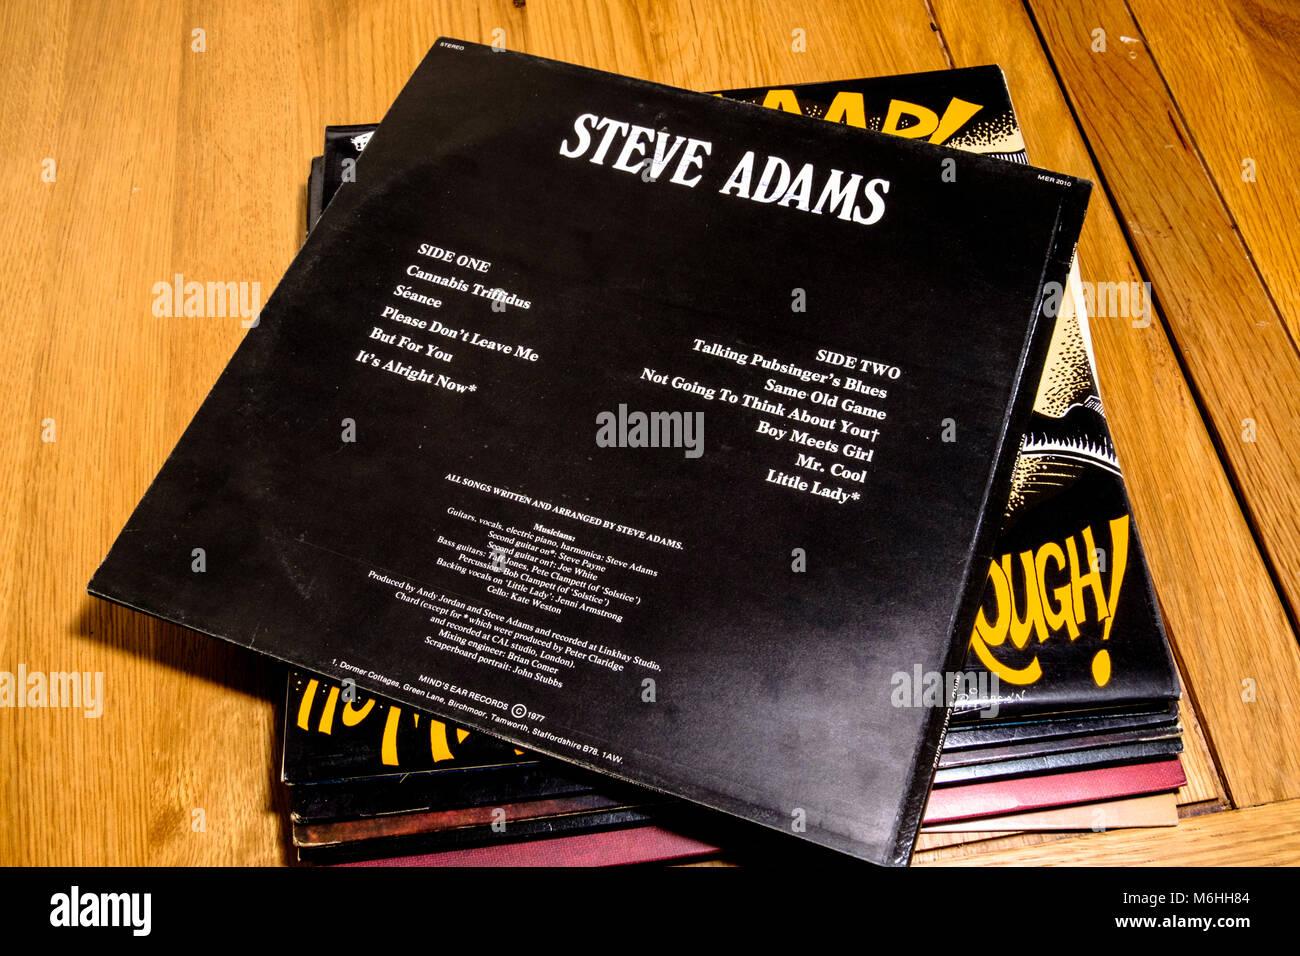 Alte Albumcover, Schallplatten der 70er Jahre Steve Adams Sängerin ...